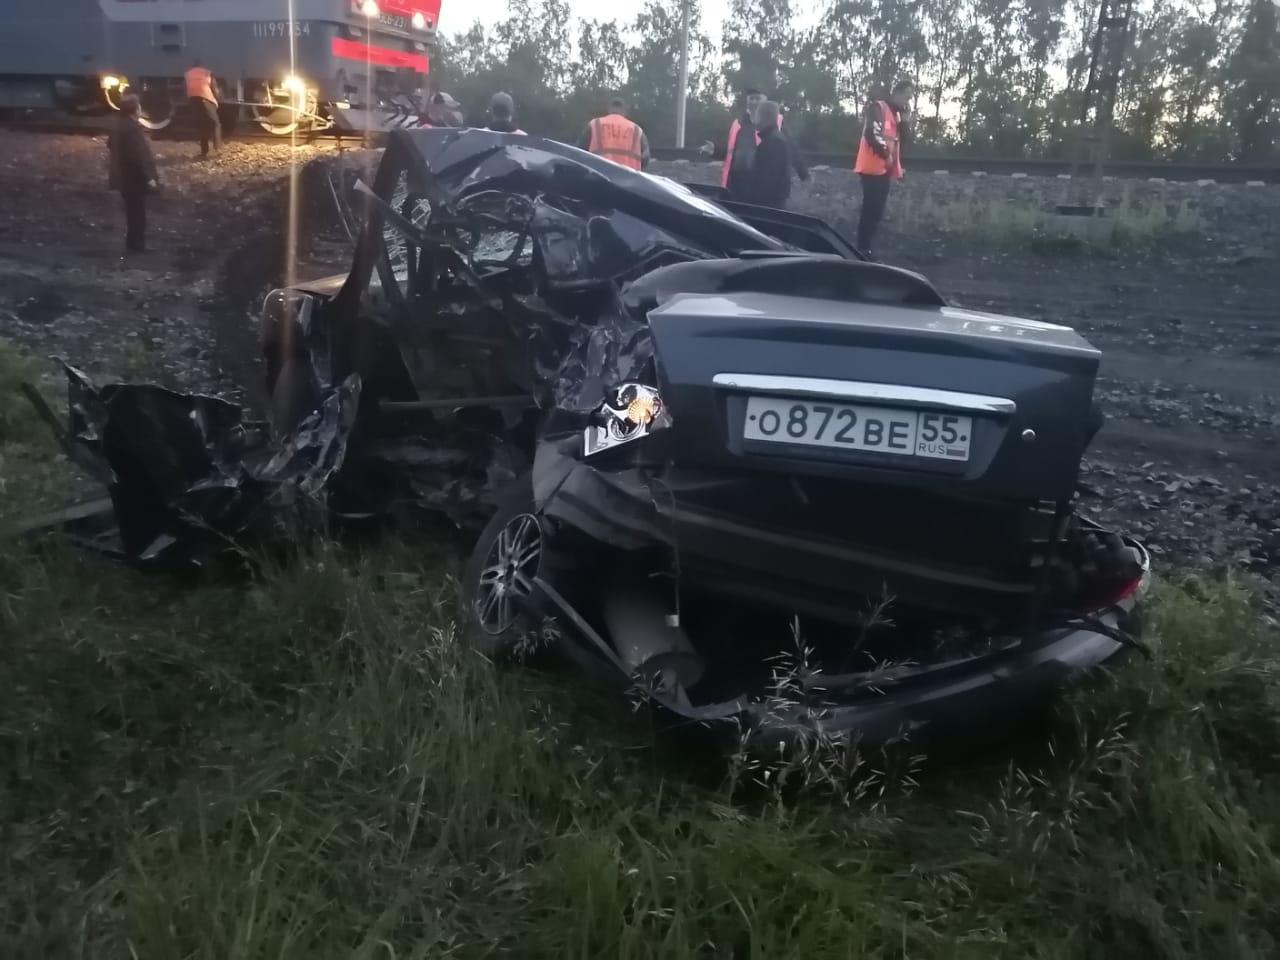 Житель Омской области хотел переехать Транссиб и лишился своей машины #Новости #Общество #Омск